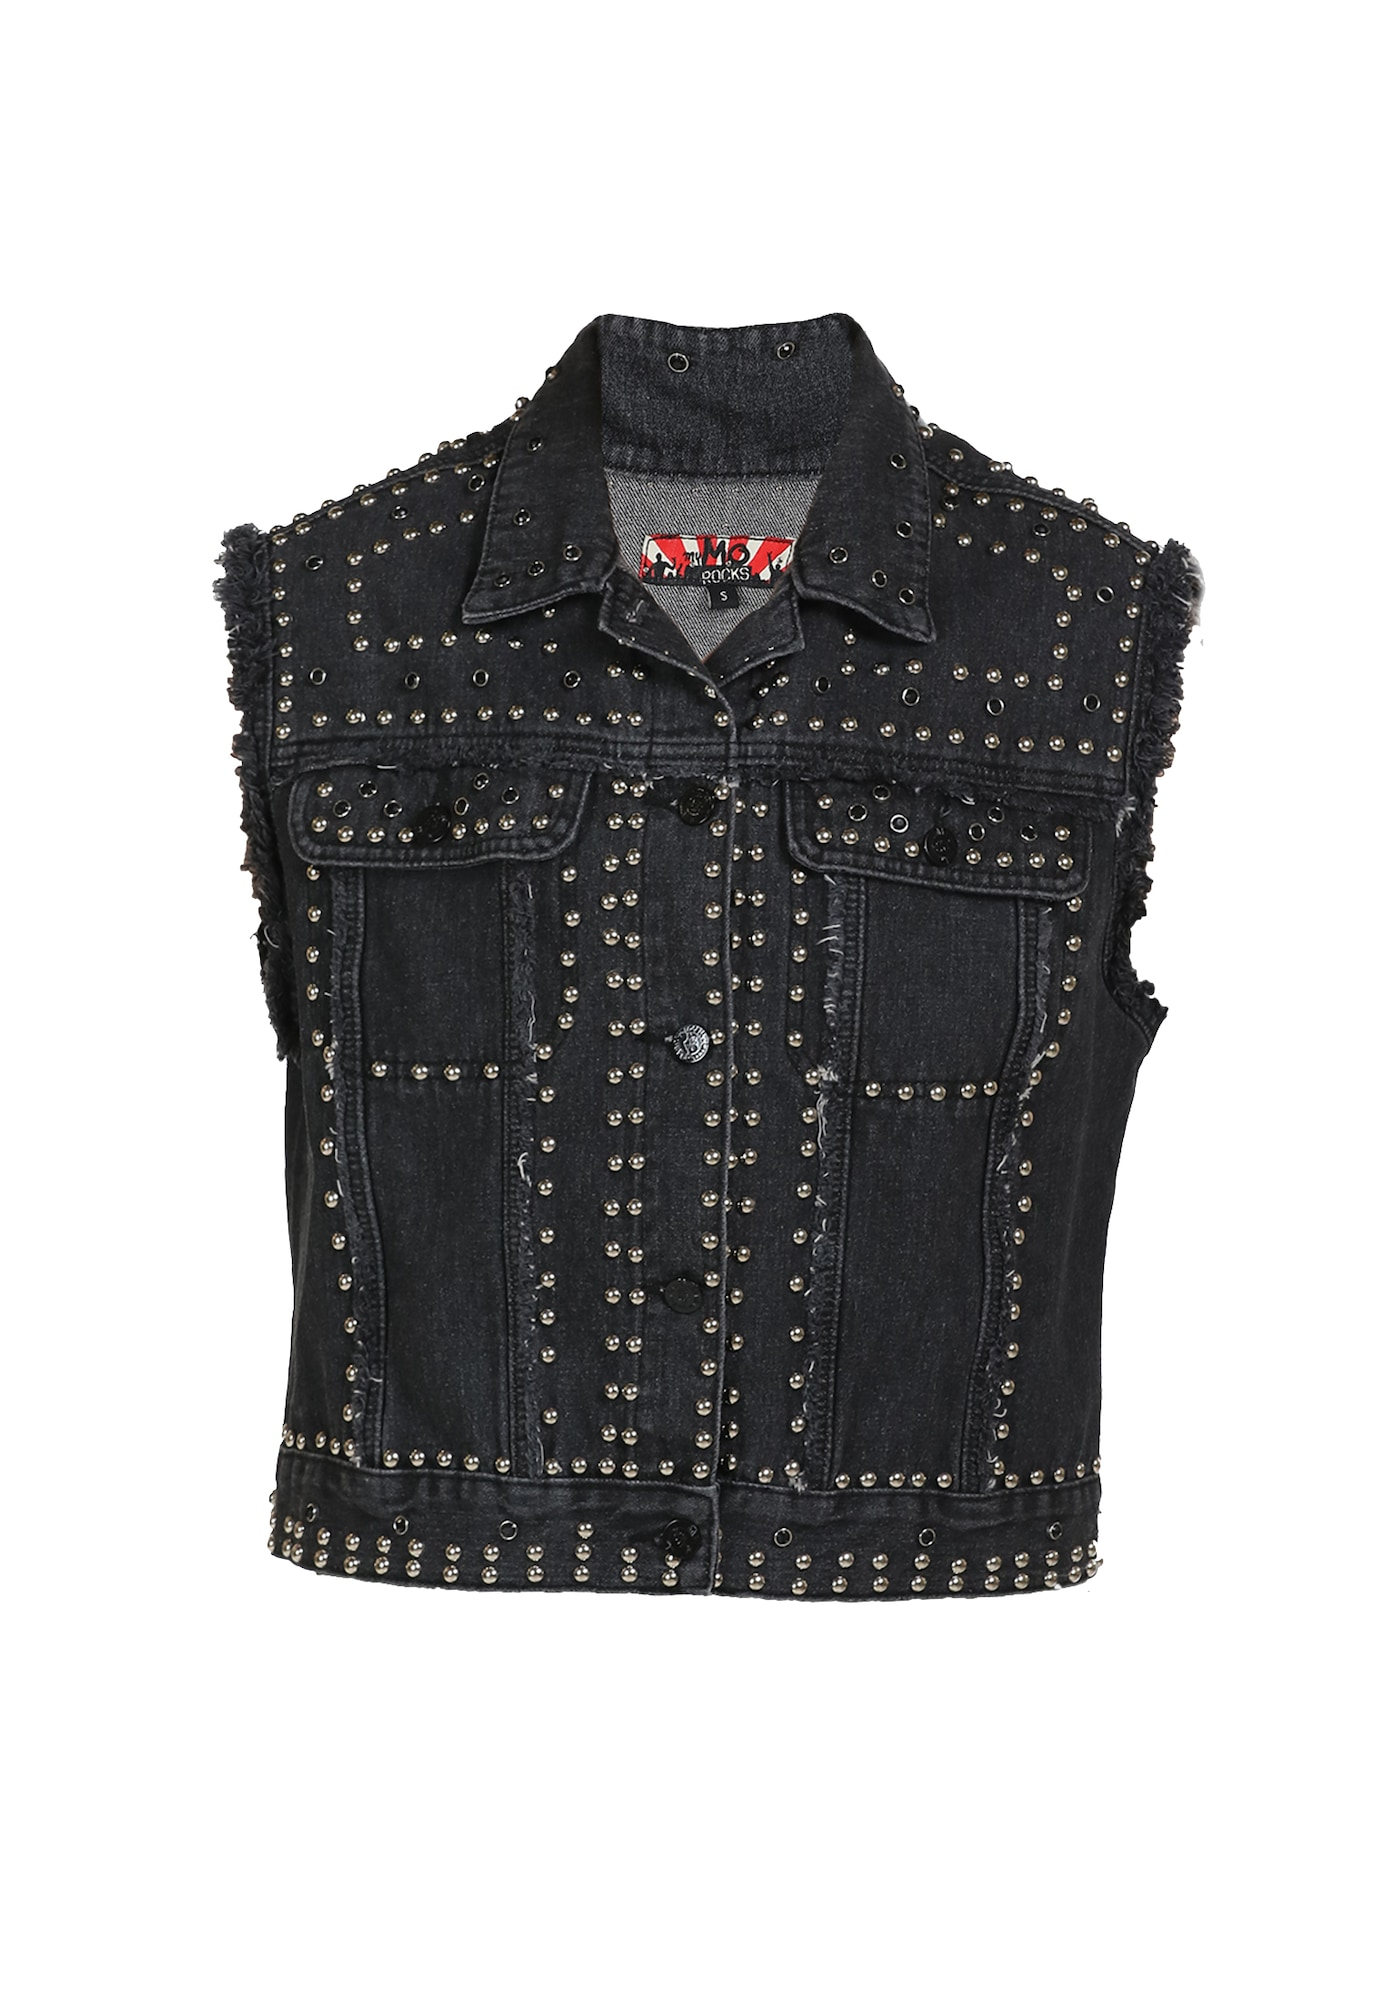 MYMO Liemenė 'ROCKS' juodo džinso spalva